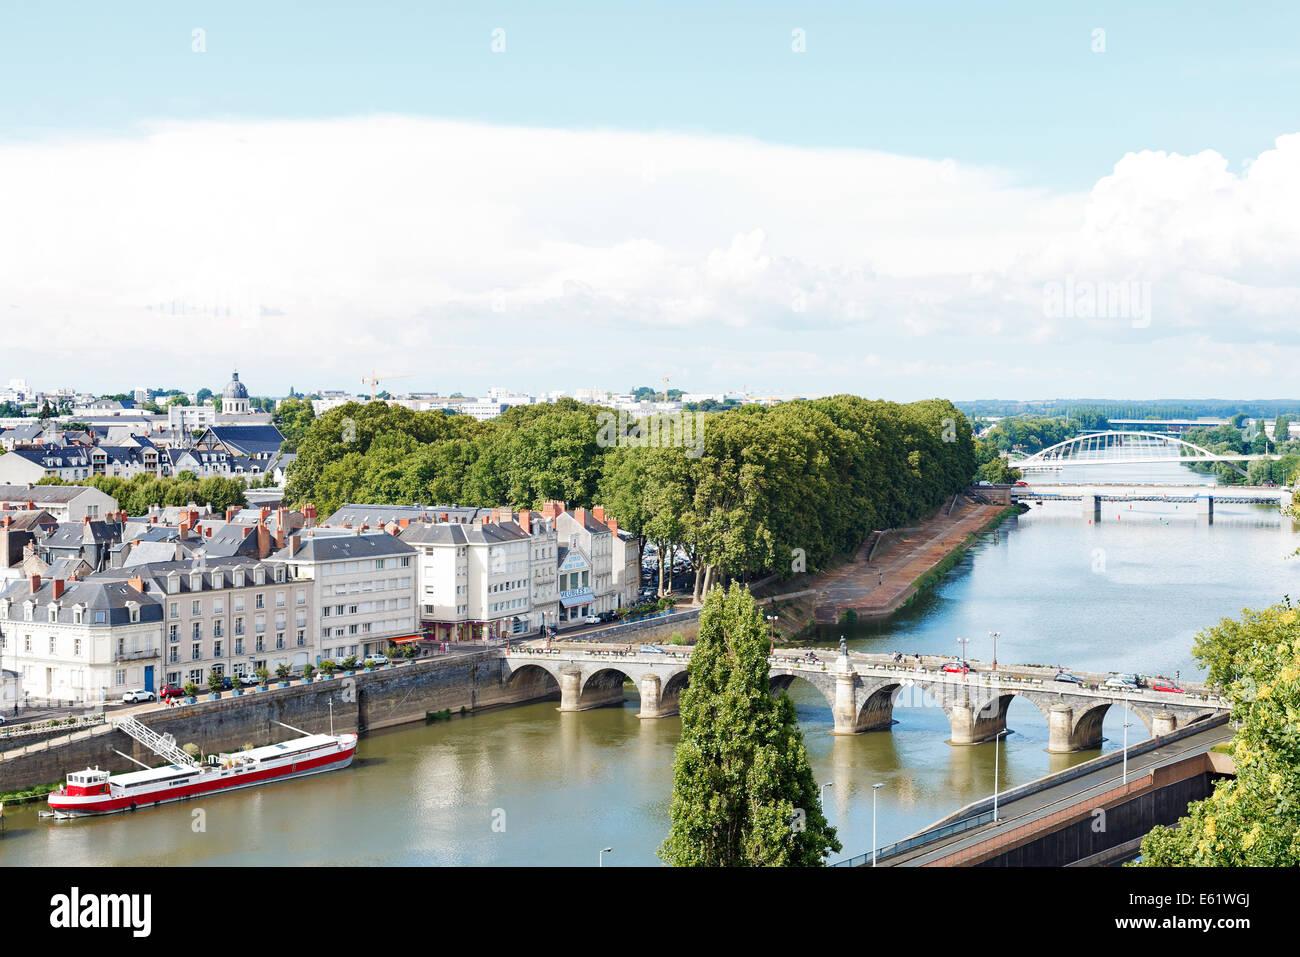 ANGERS, FRANCE - JULY 28, 2014: Monge Quai, bridges Pont de Verdun and Pont de Haute Chaine on La Maine river in - Stock Image